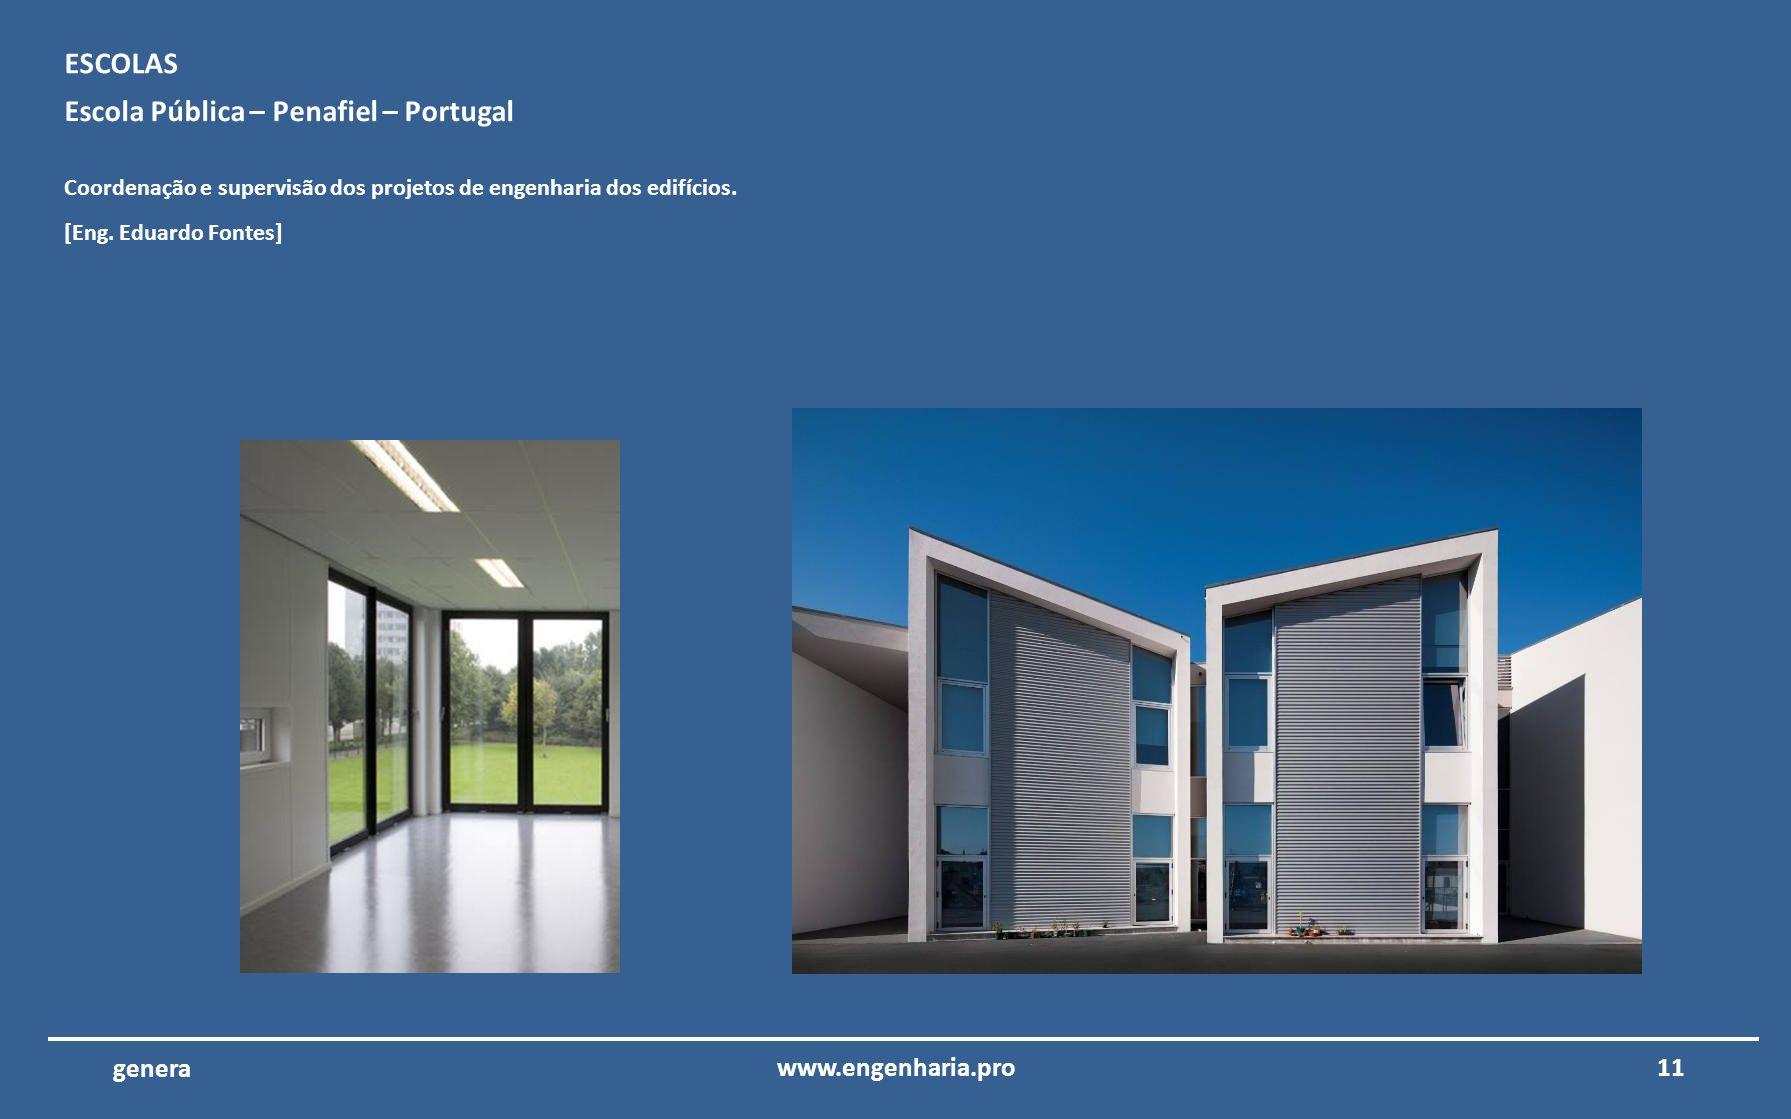 10www.engenharia.pro genera Hospital de Portimão – Portimão – Portugal Coordenação e supervisão dos projetos de engenharia do hospital de Portimão. SA